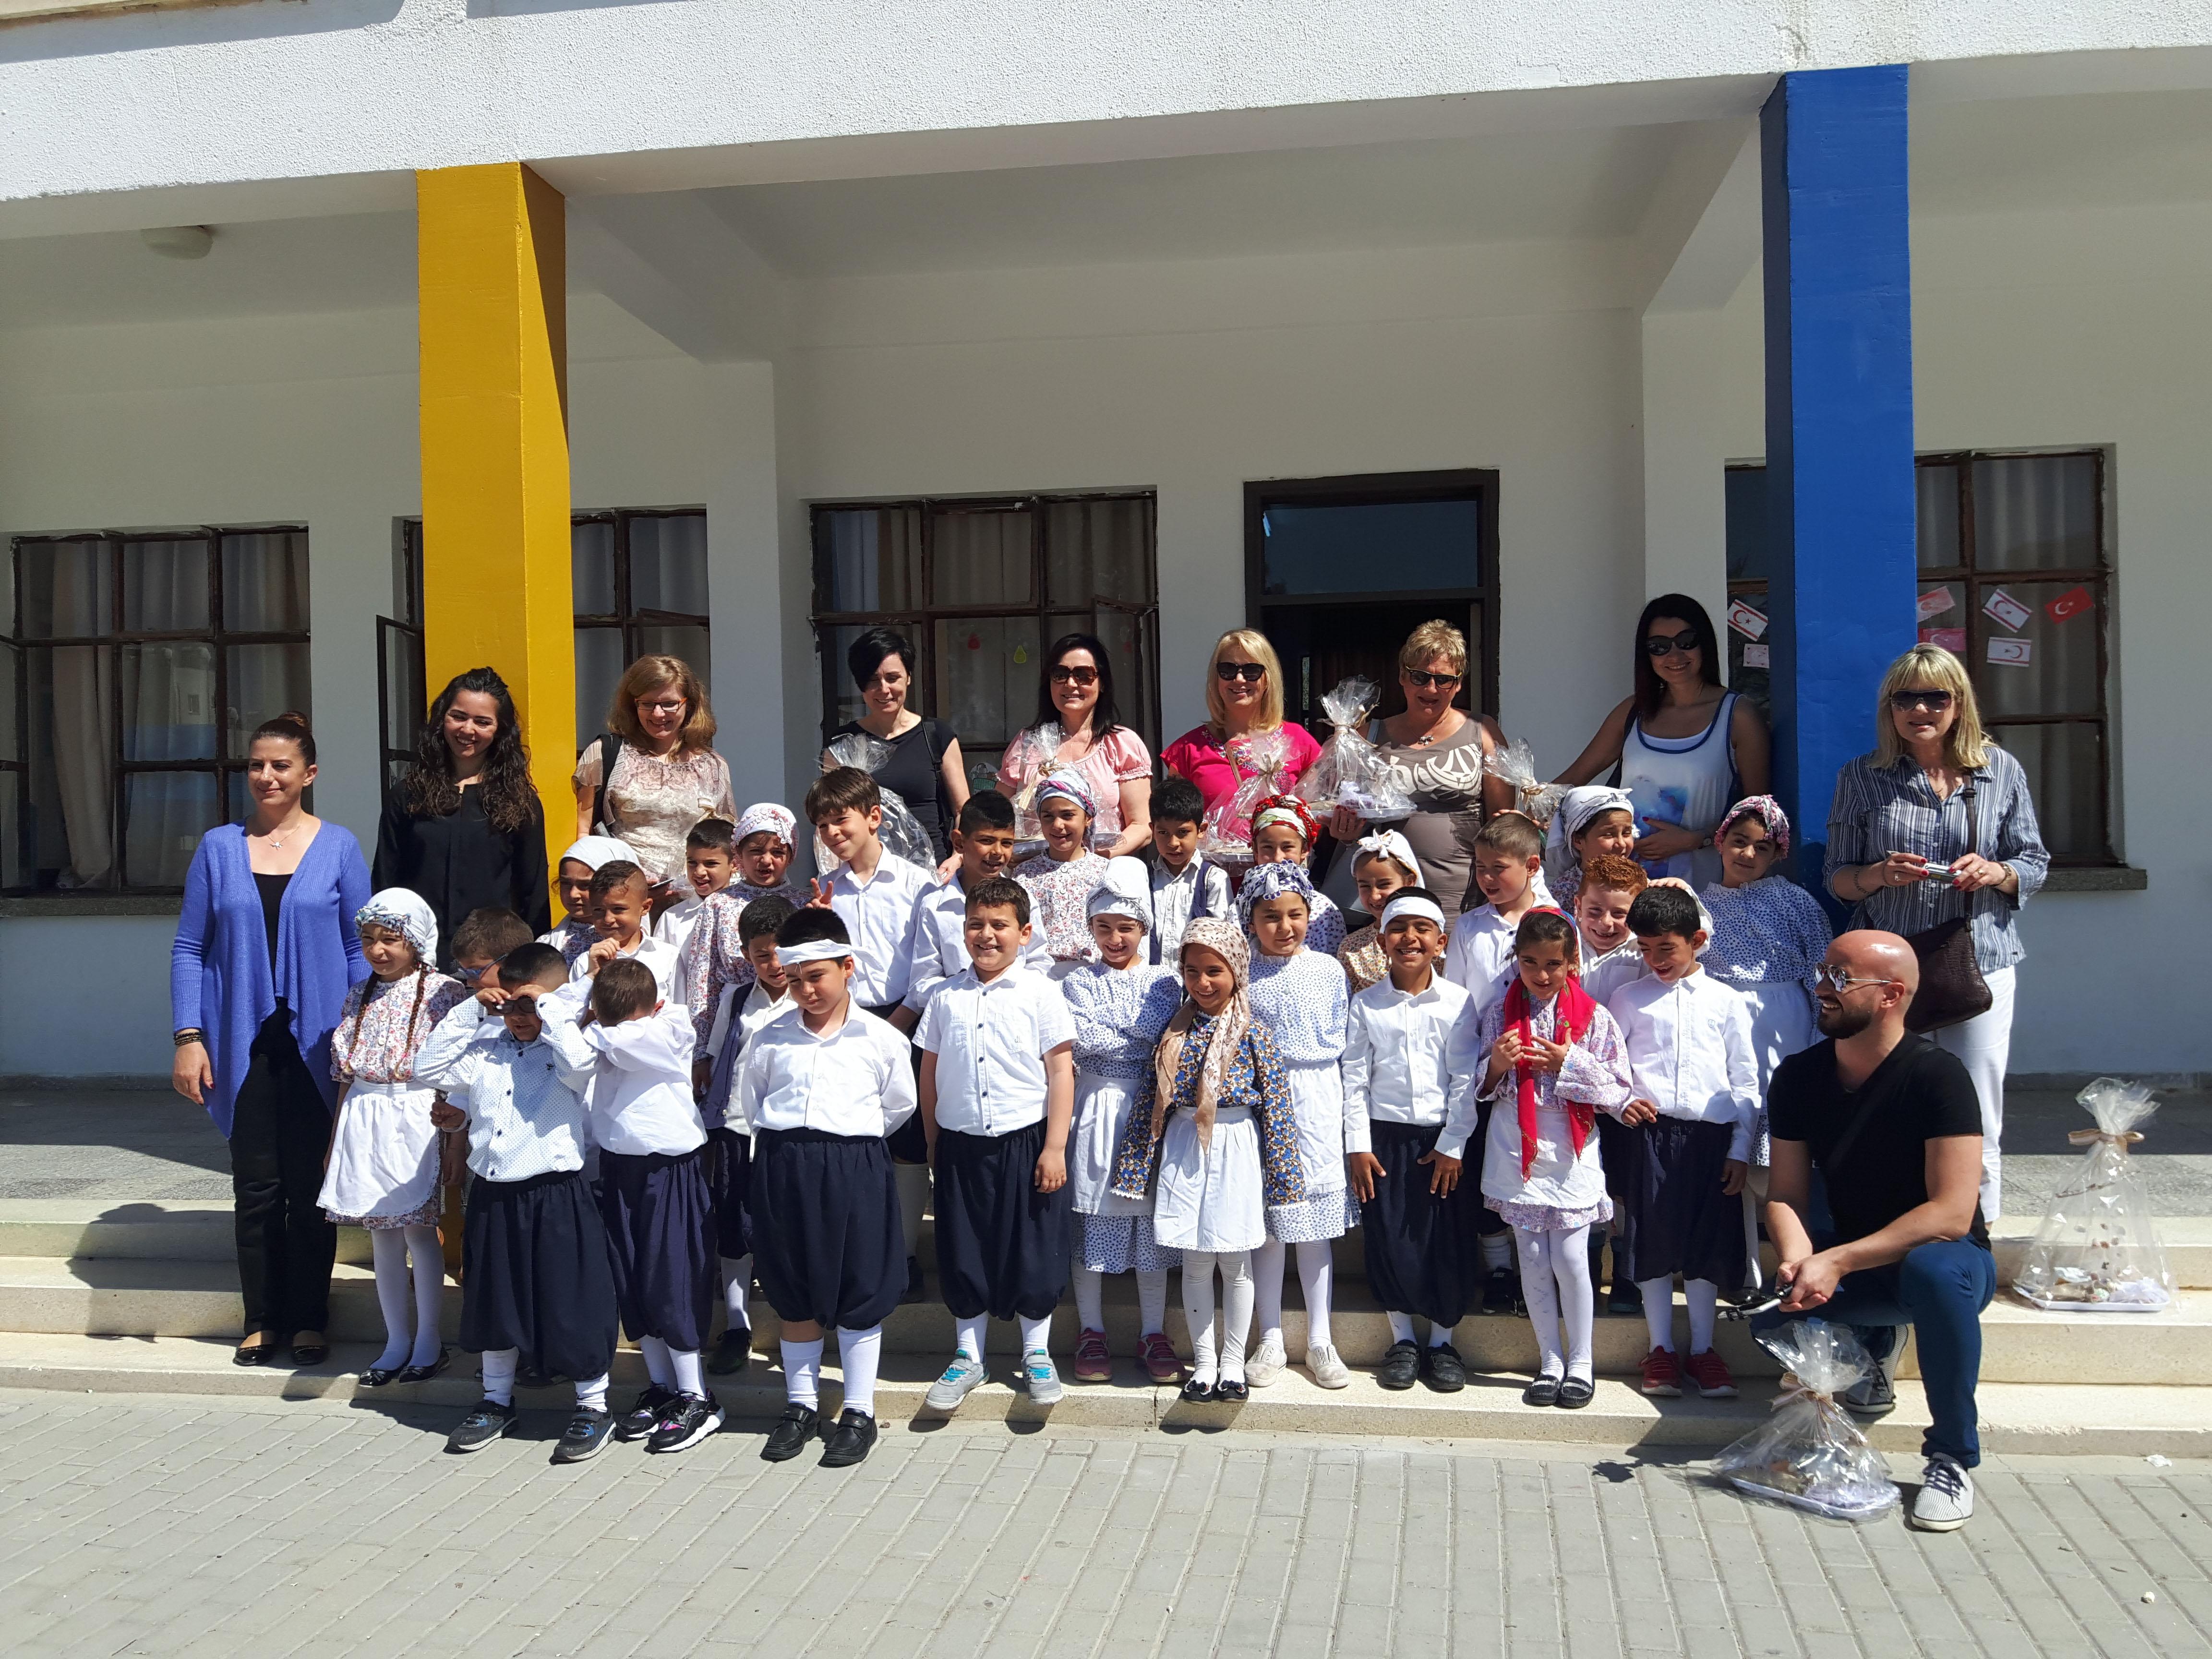 Polonya Dayanışma Sendikası Üyeleri KTÖS'ün Davetlisi Olarak Kıbrıs'a Geldi